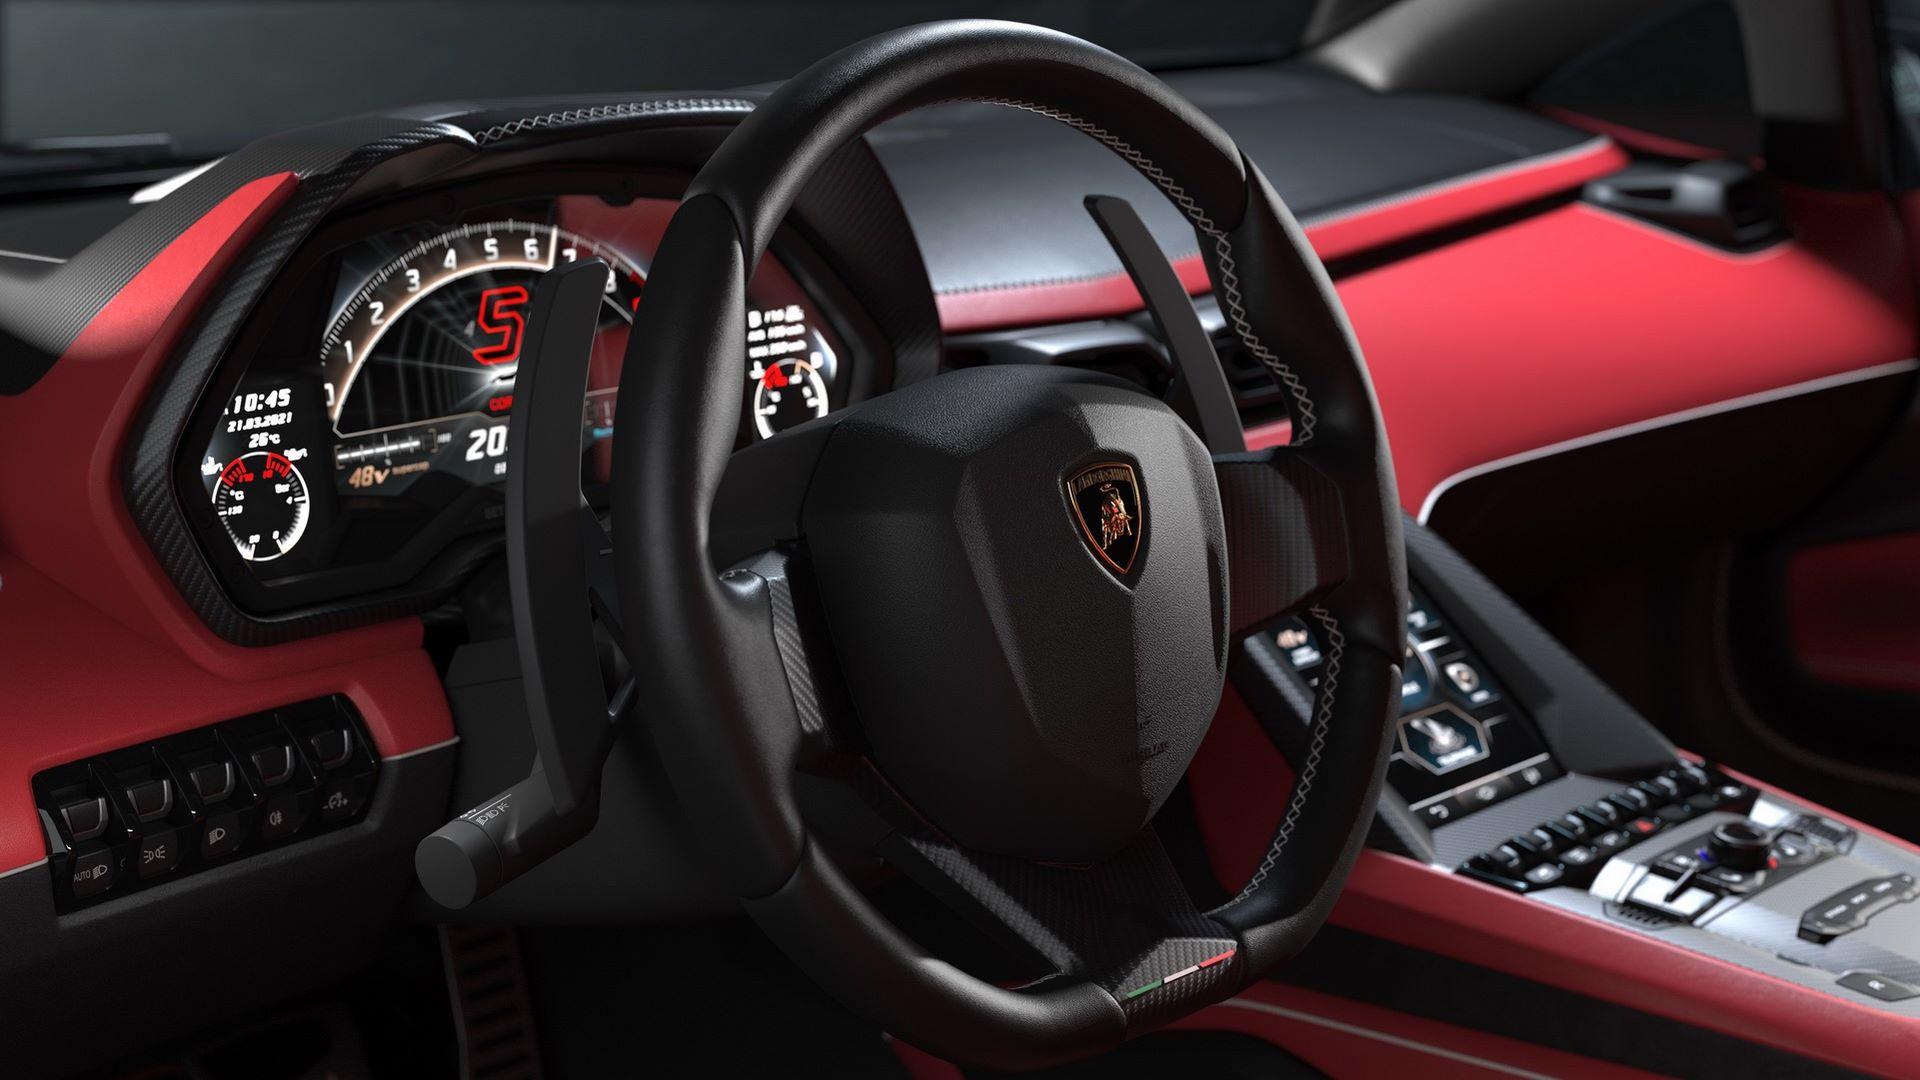 Lamborghini-Countach-LPI-800-4-97